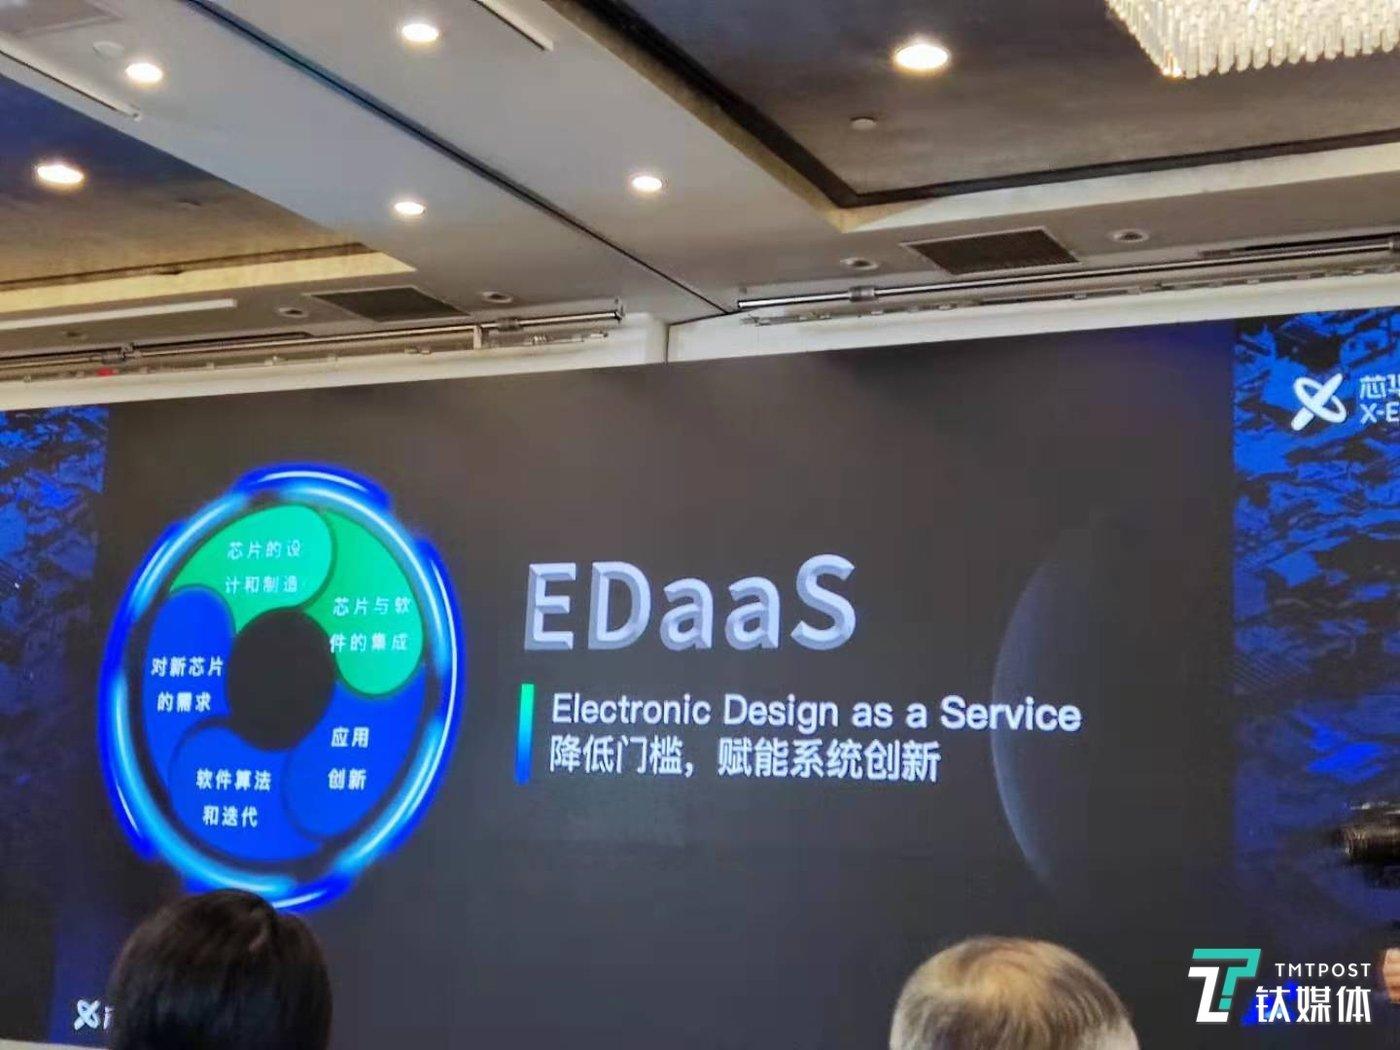 对于全新EDA服务模式EDaaS的五块介绍